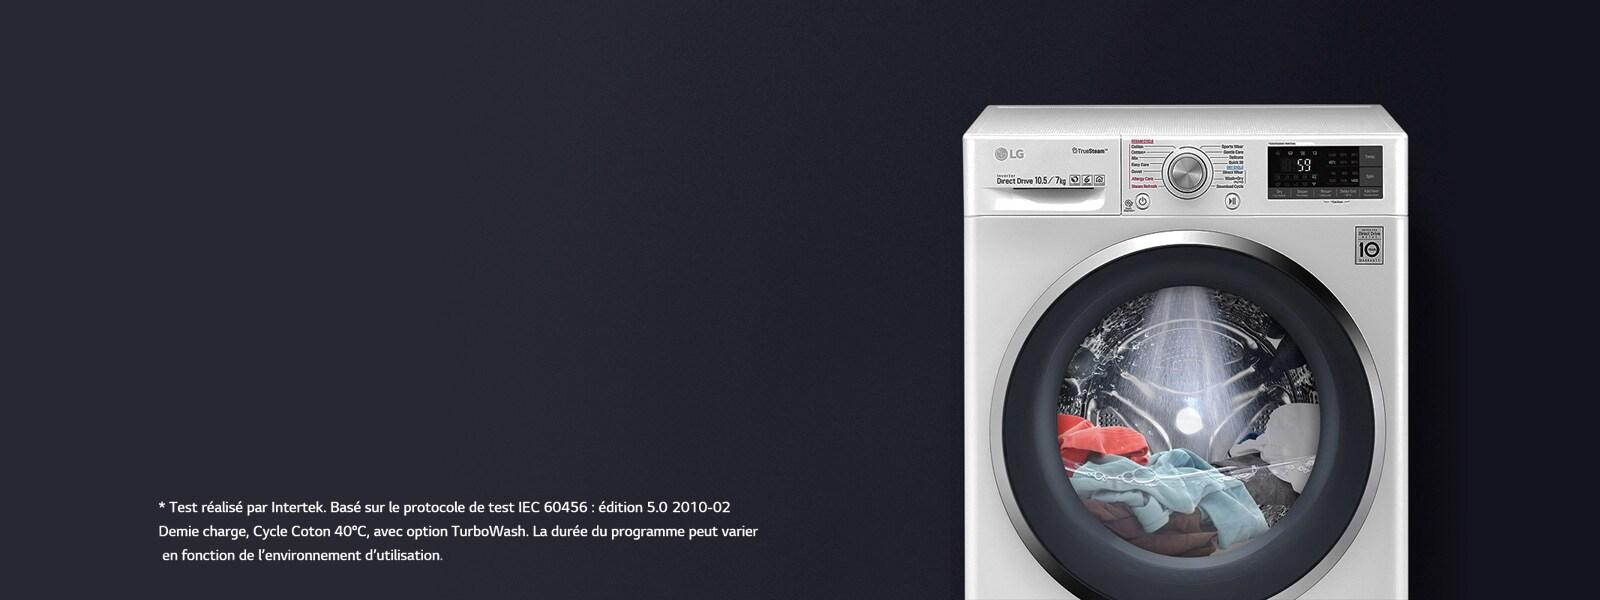 Nettoyer Machine À Laver Le Linge lave linge à vapeur - machine à laver truesteam | lg belgique